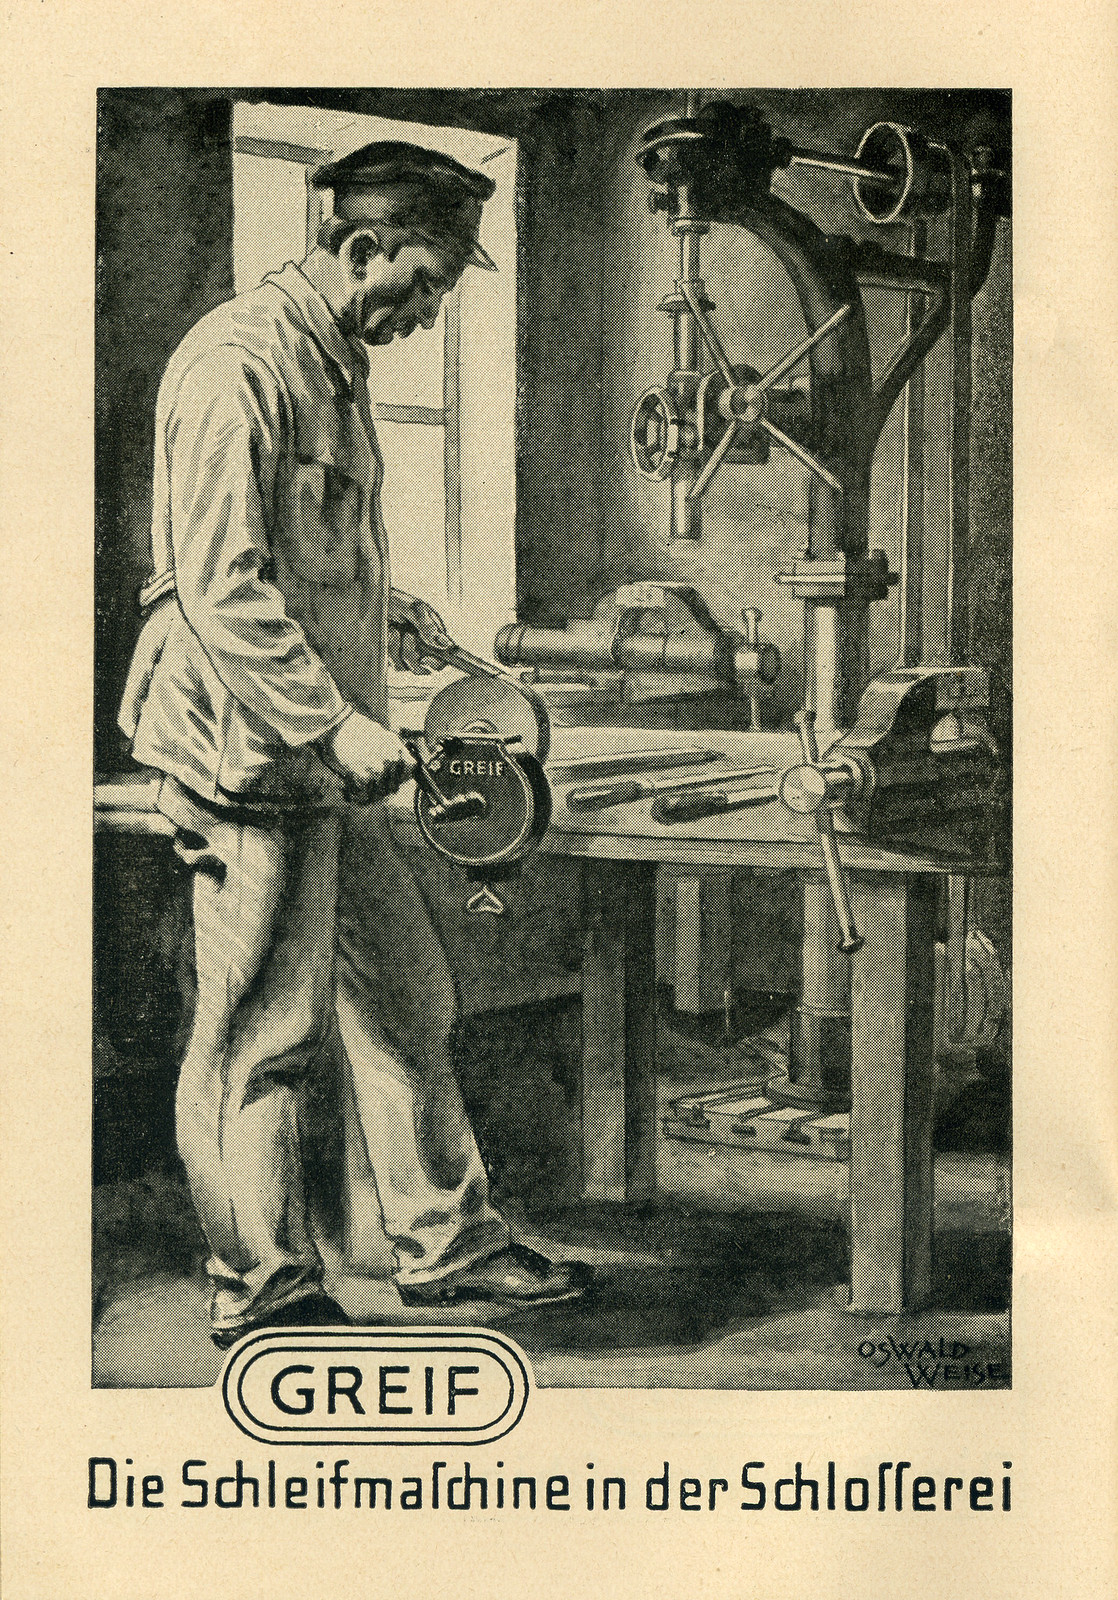 Werbeheftchen für Greif Schleifmaschinen, Bild 2